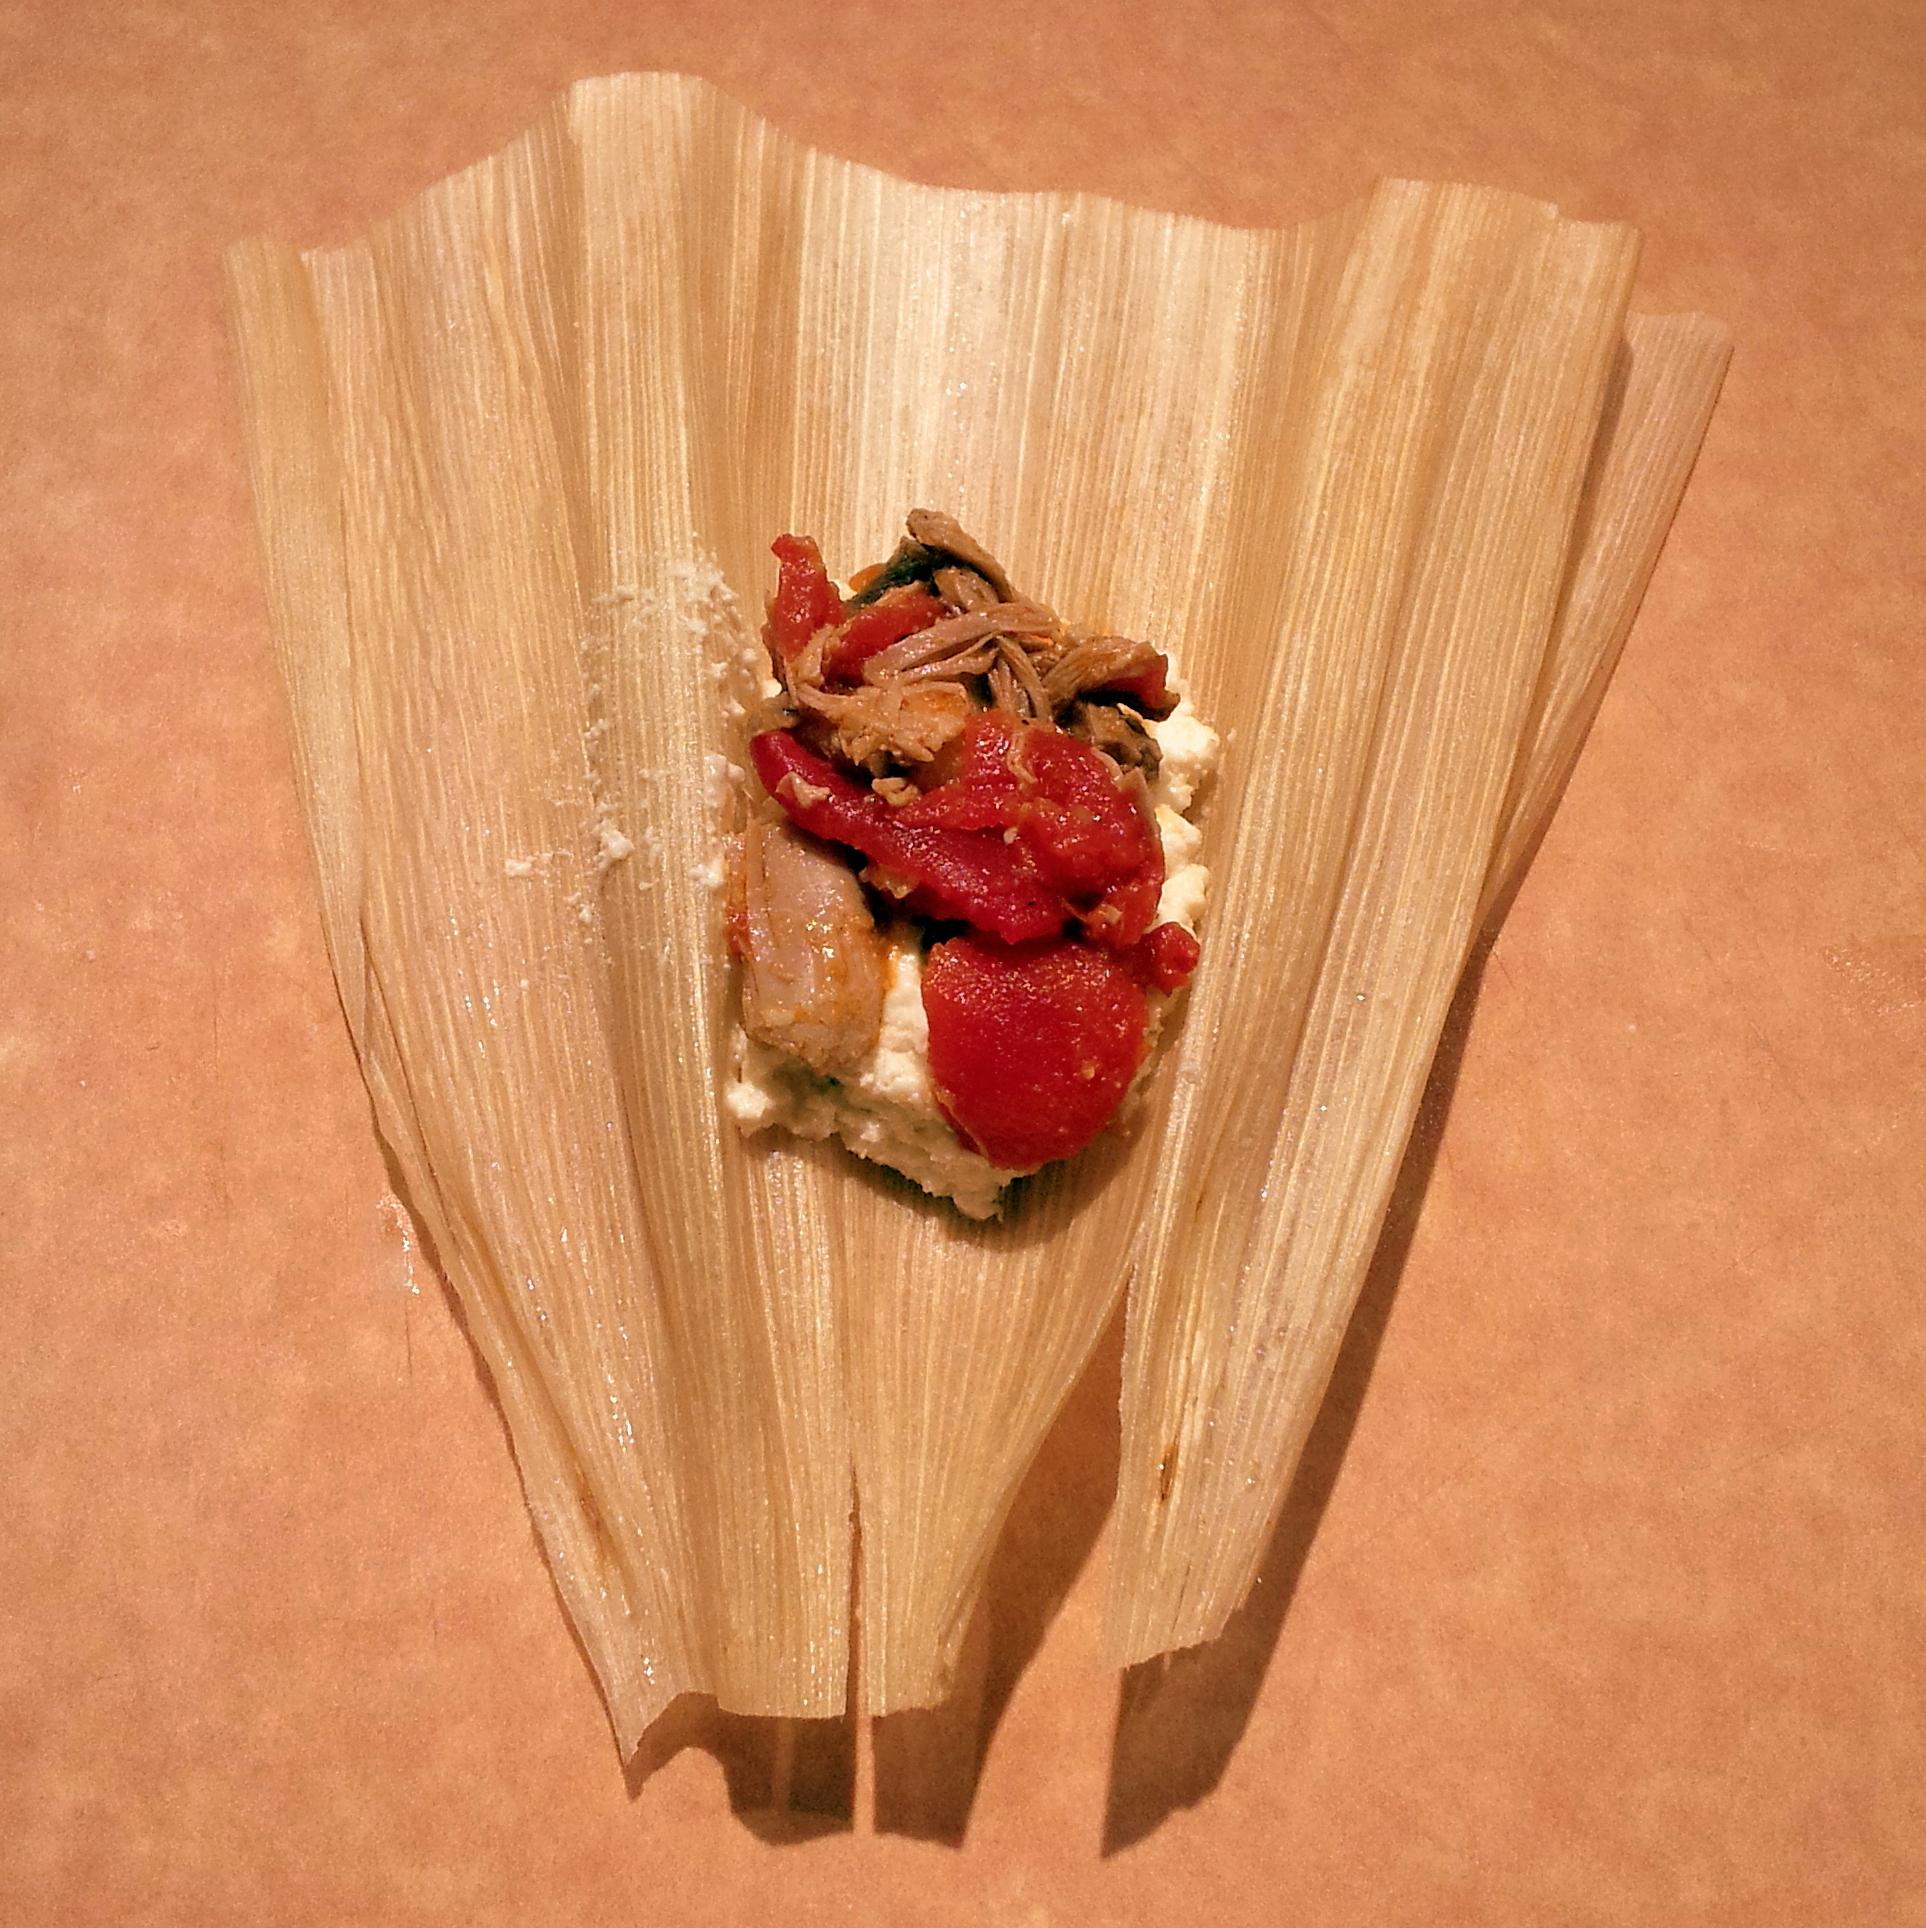 assembling tamales